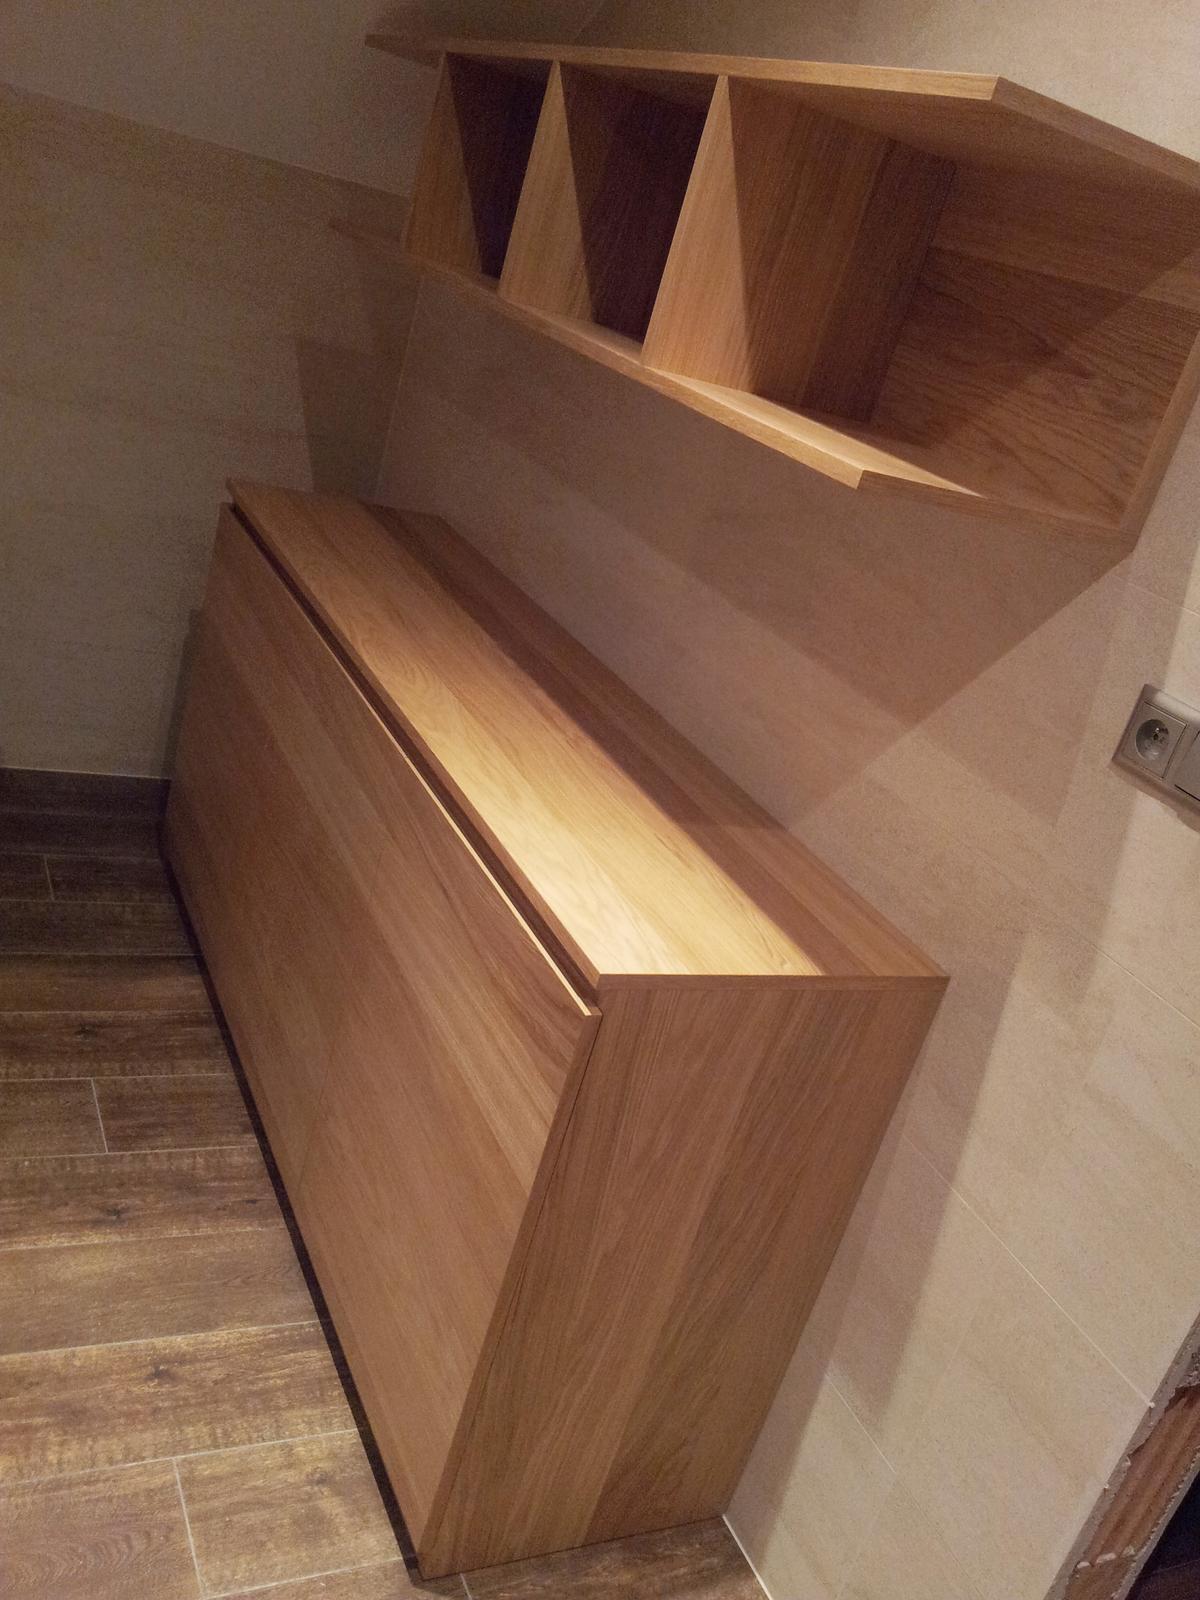 Dizajn a výroba nábytku na mieru Cubica - Kúpeľňová skrinka s policou na uteráky - dub prírodný - dizajn a výroba cubica